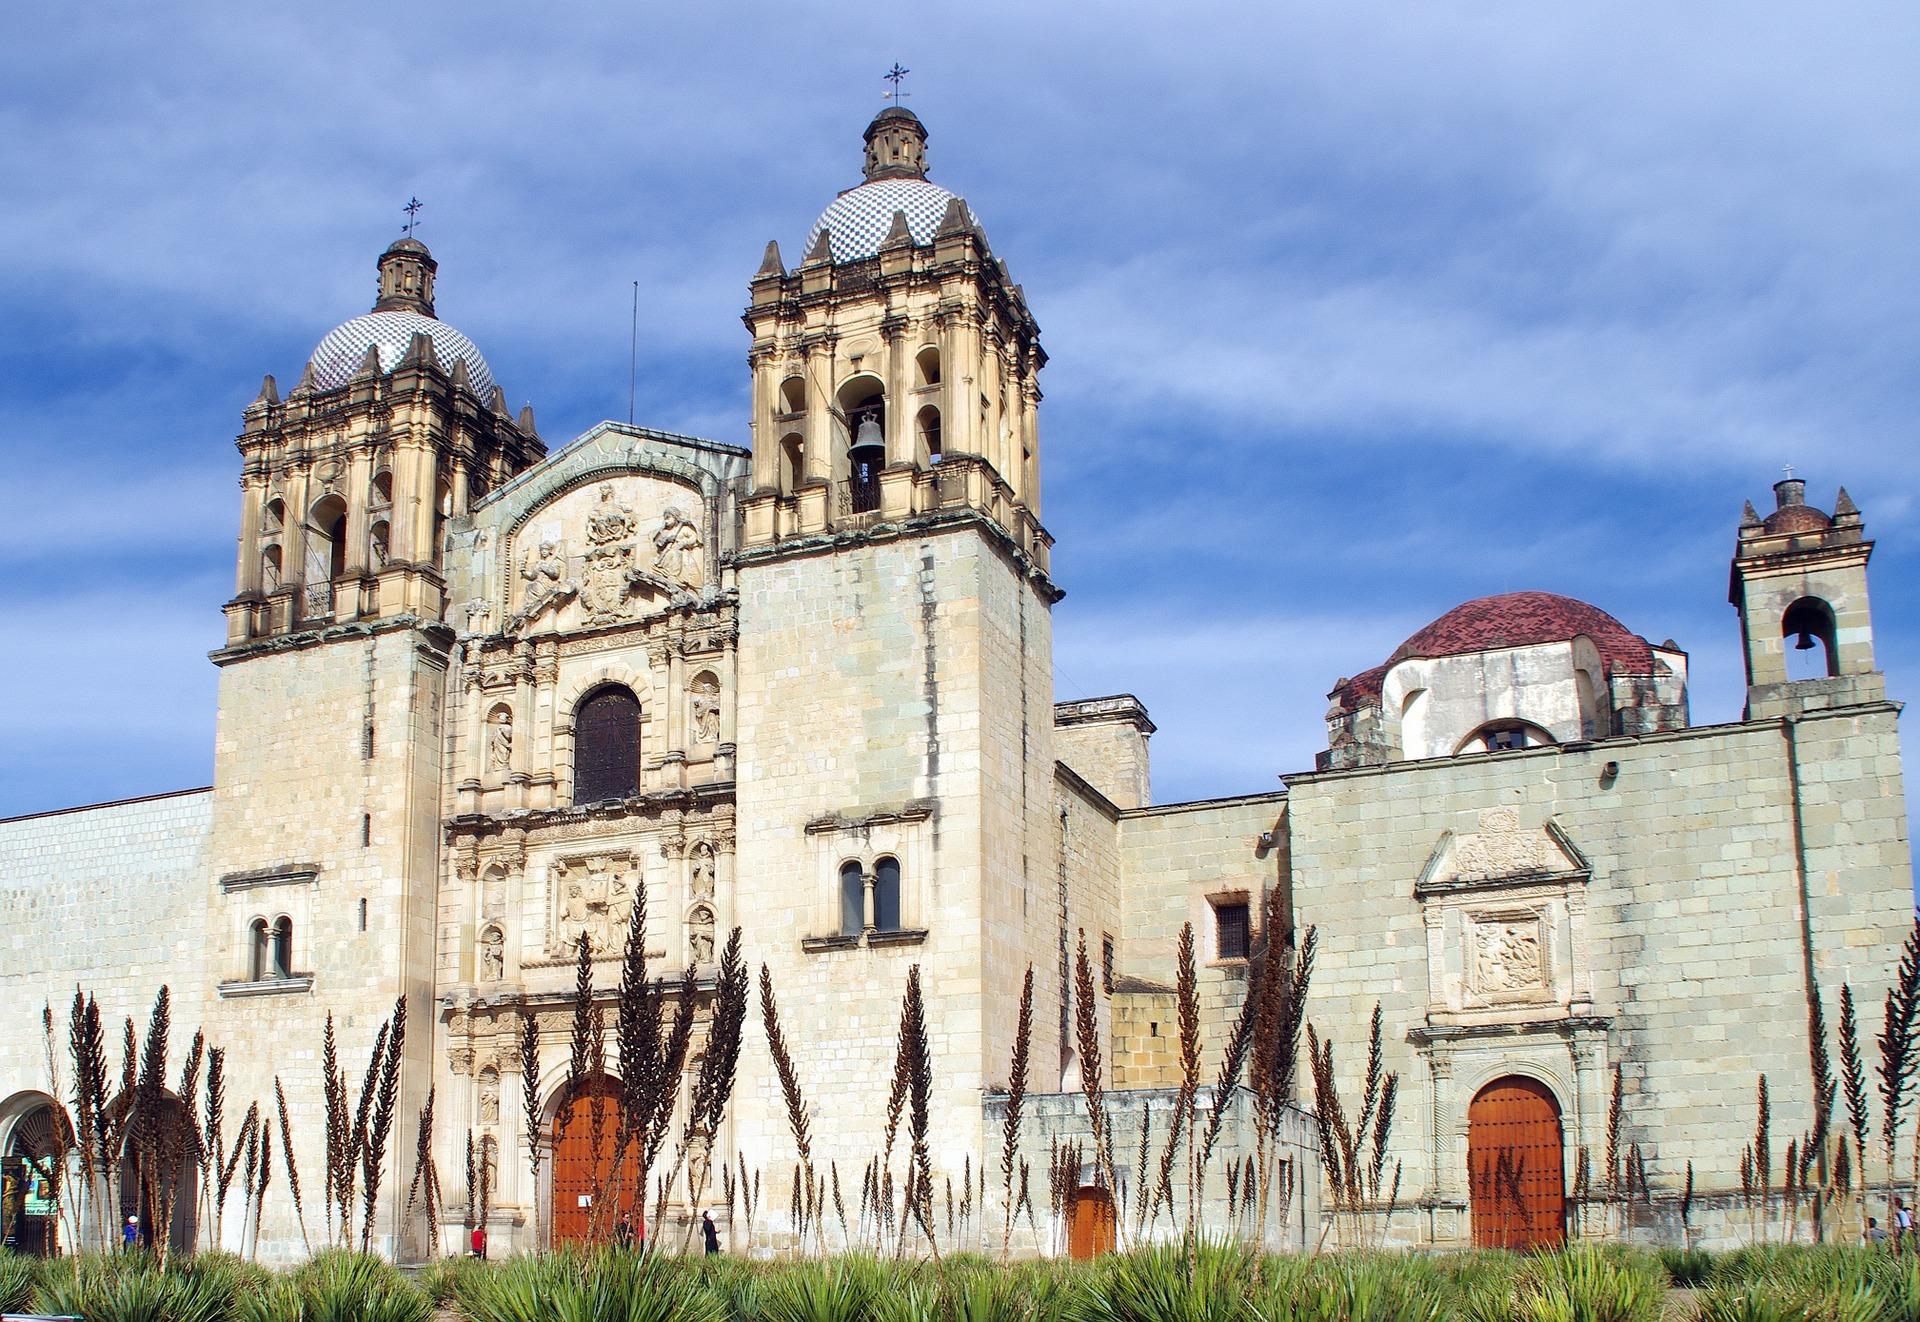 Hauptstadt Oaxaca der gleichnamigen Region